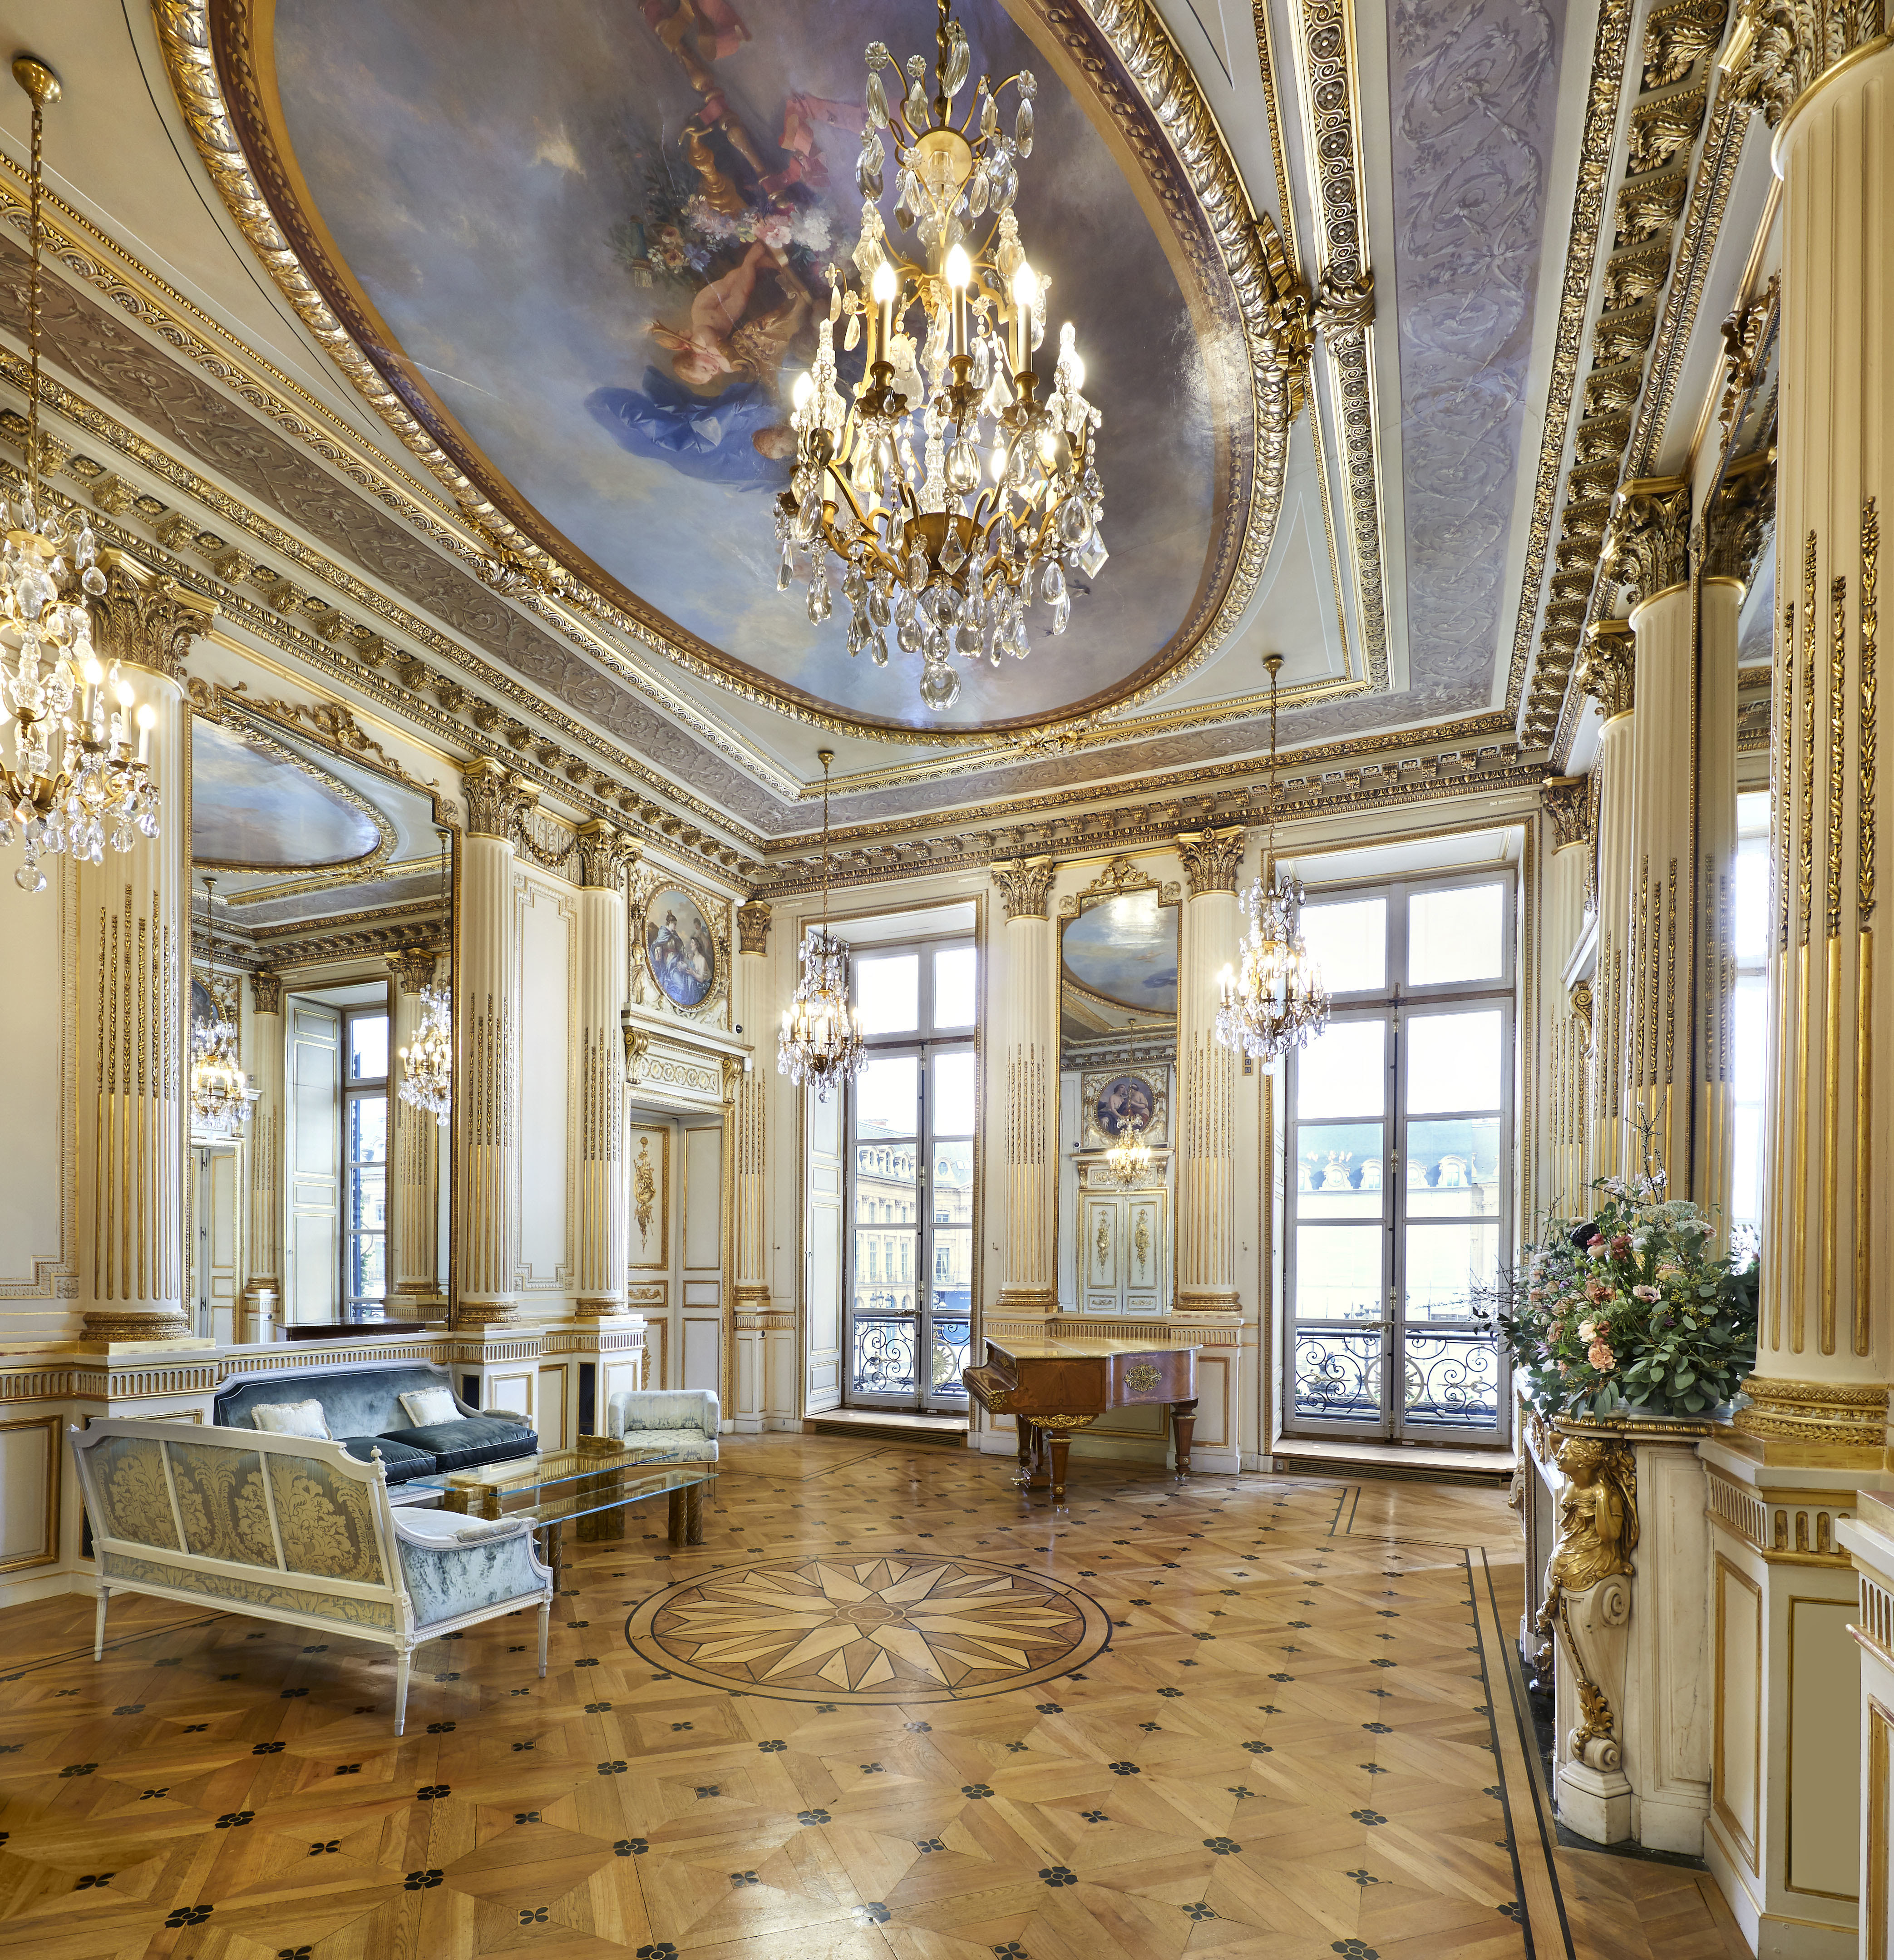 7196af6f 9c61 4665 ac46 c563b5ad6997 - Chaumet presenta en París  la exposición Napoleón y Joséphine  -  Una historia (extra) Ordinaria